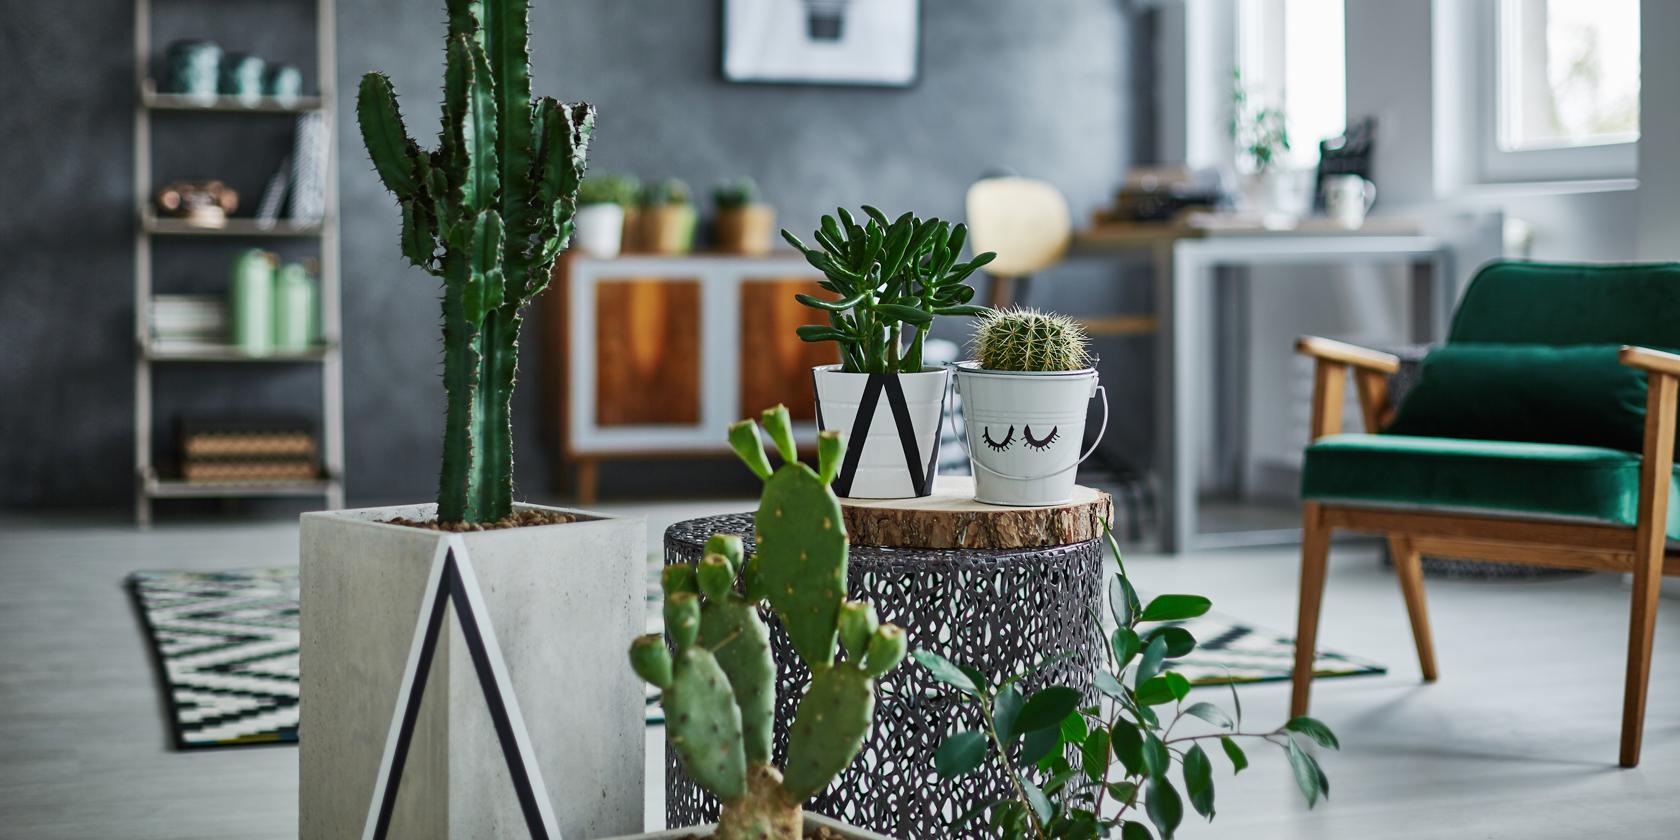 Grüner Wohnen Pflegeleichte Pflanzen Für Jedes Zuhause Beautypunk